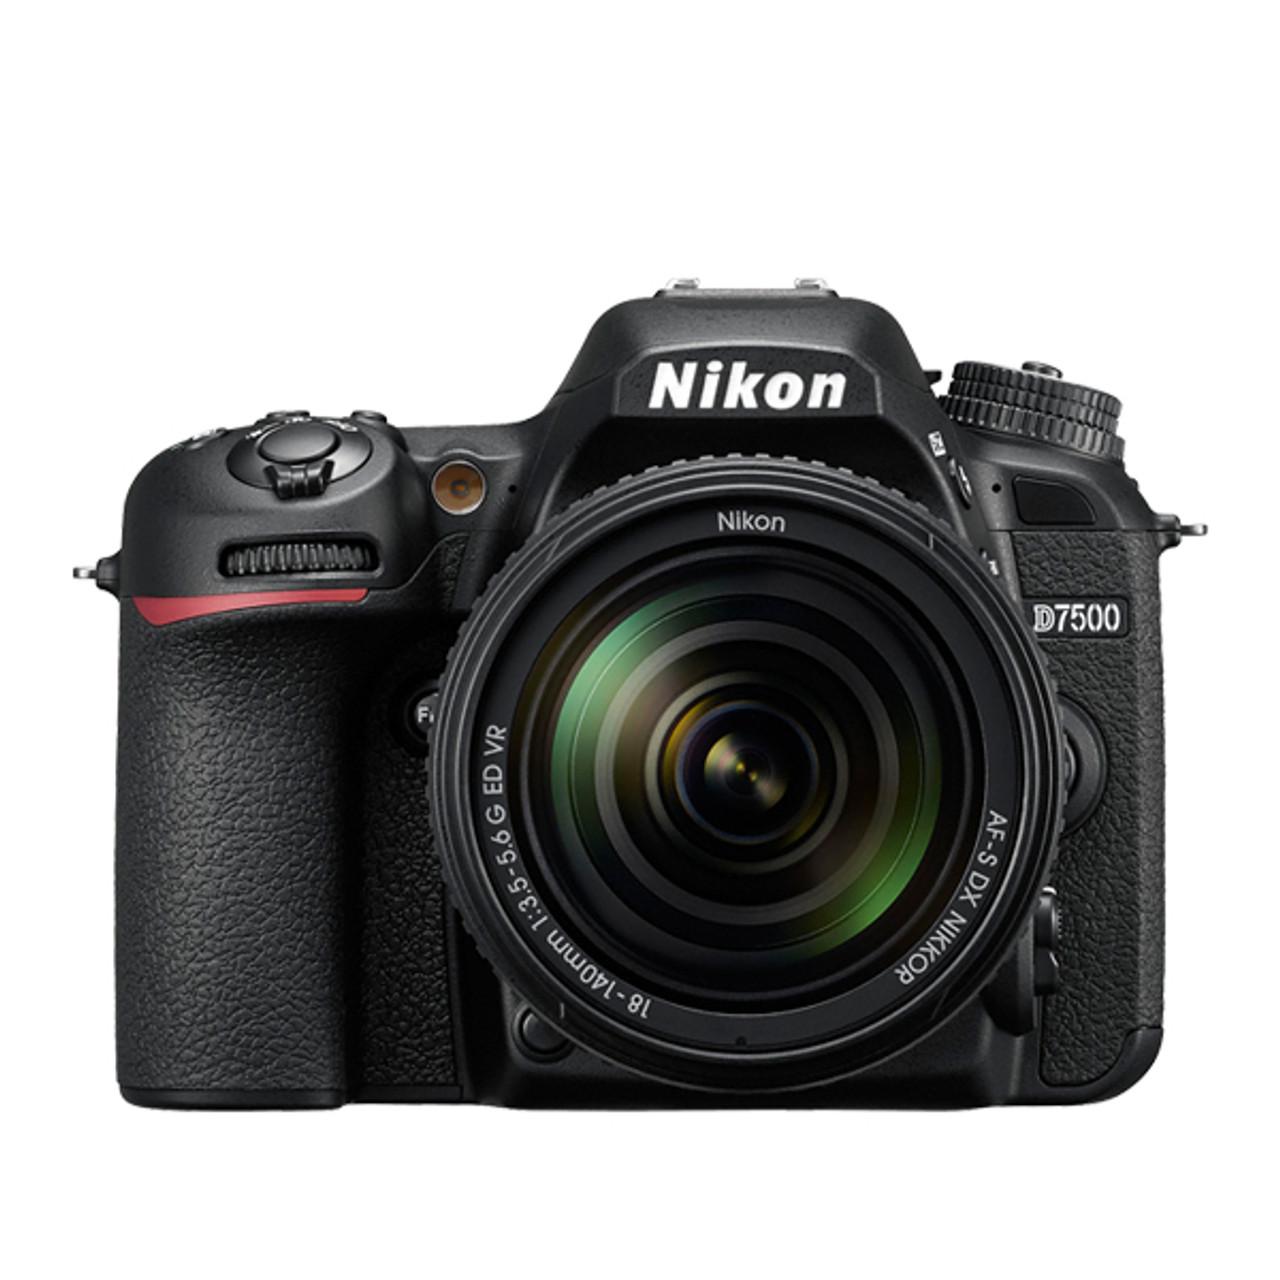 Nikon D7500 18-140mm F3.5-5.6G ED VR Kit